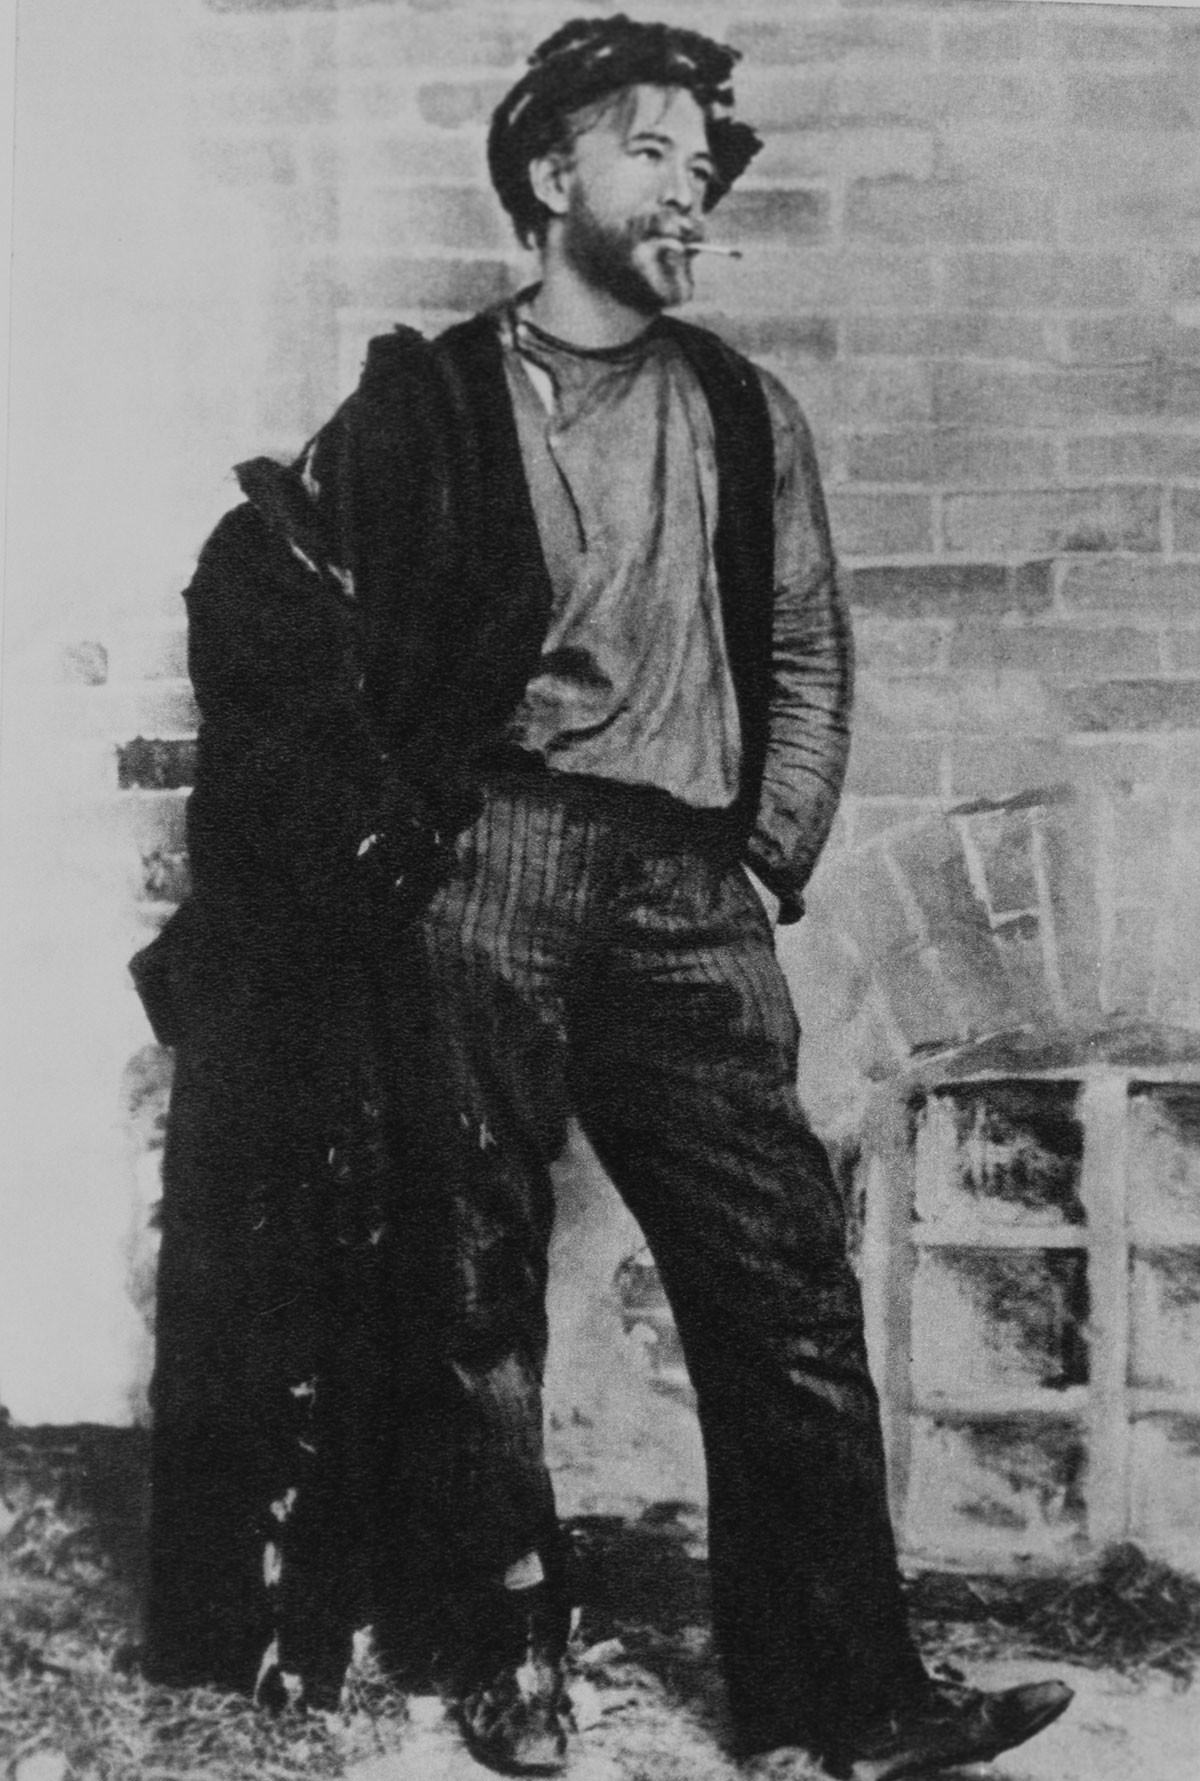 Konstantin Stanislavski kot Satin v